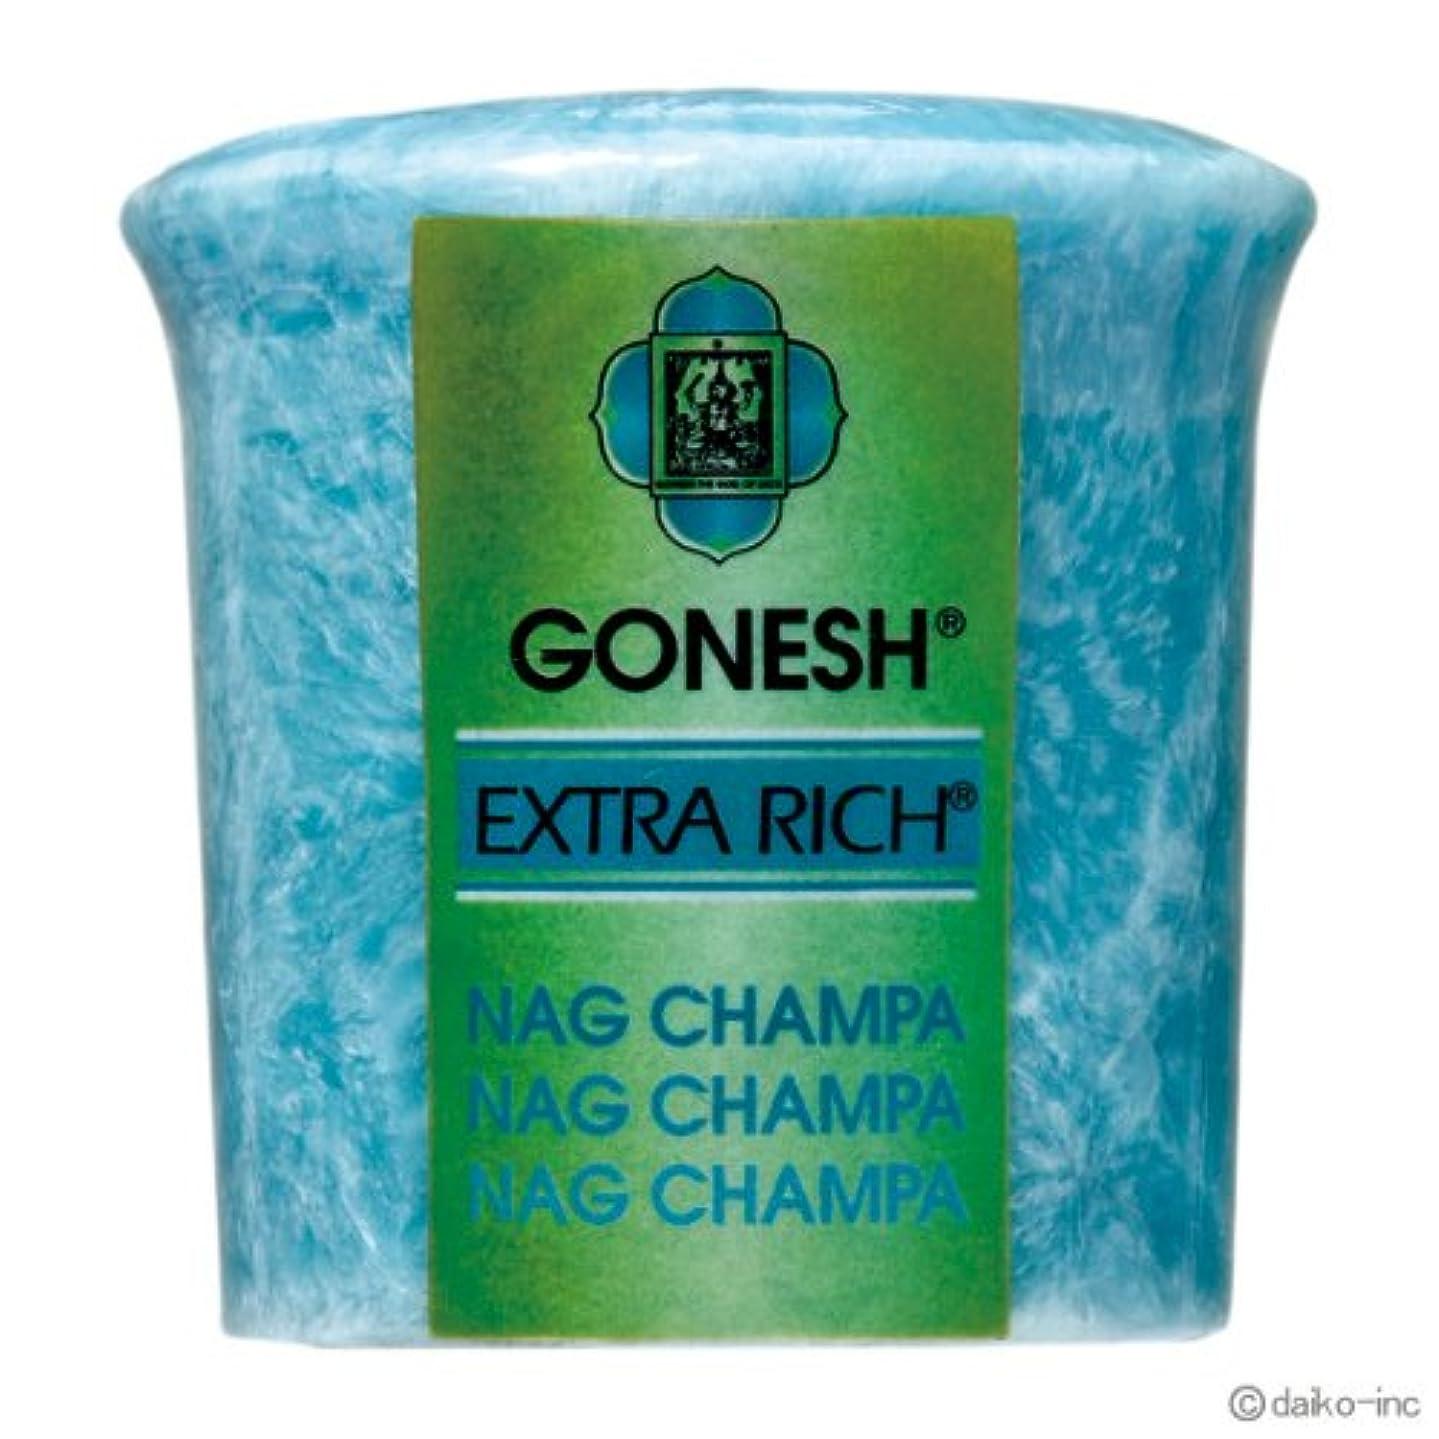 フォロー参加者雪だるまガーネッシュ GONESH エクストラリッチ ナグチャンパ アロマキャンドル 10個セット